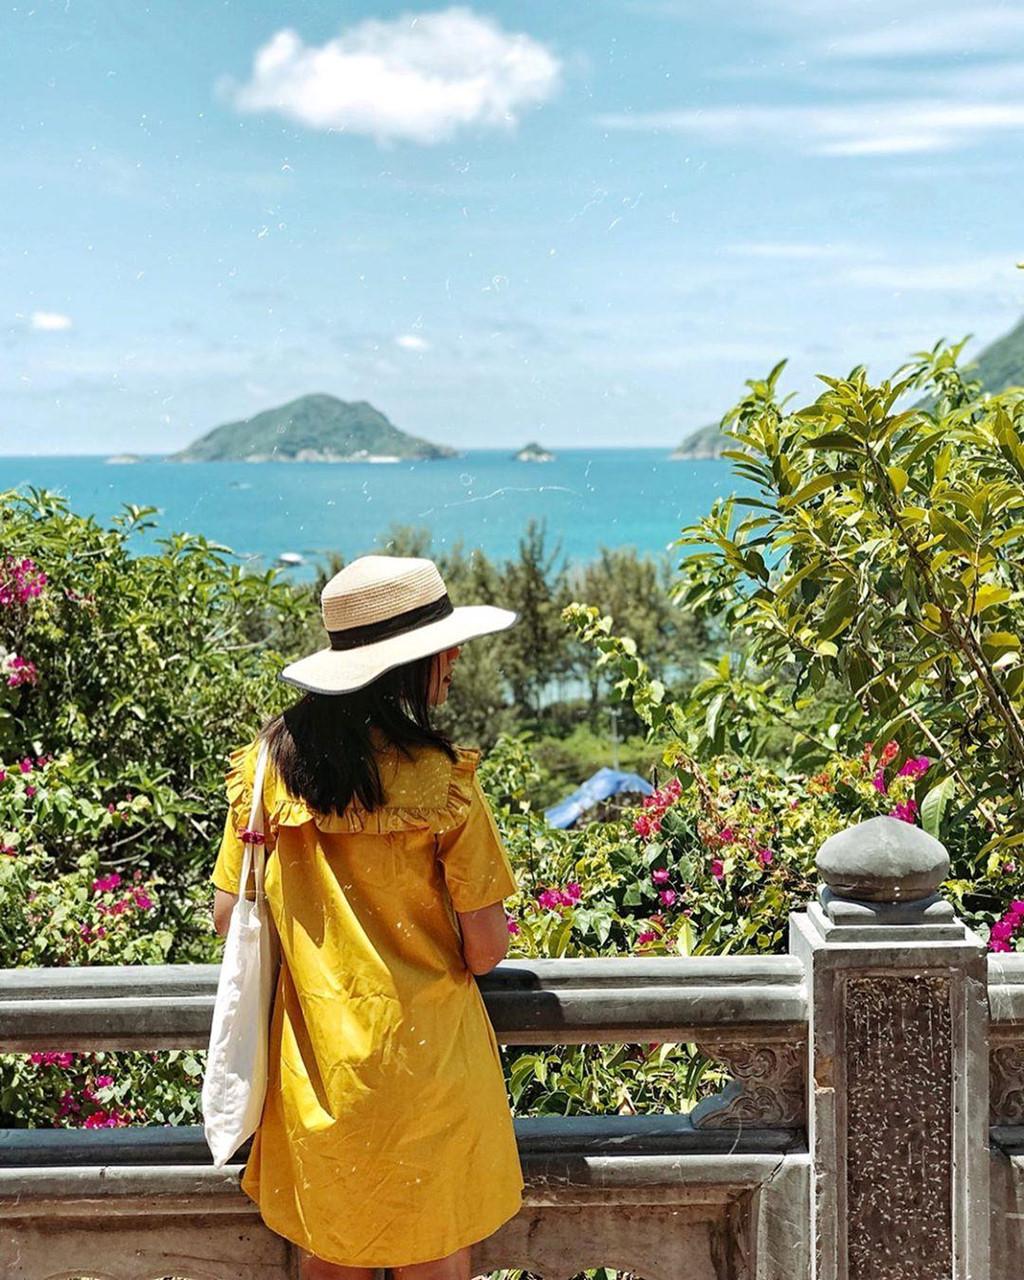 Khám phá Côn Đảo thì không nên bỏ qua những địa điểm này